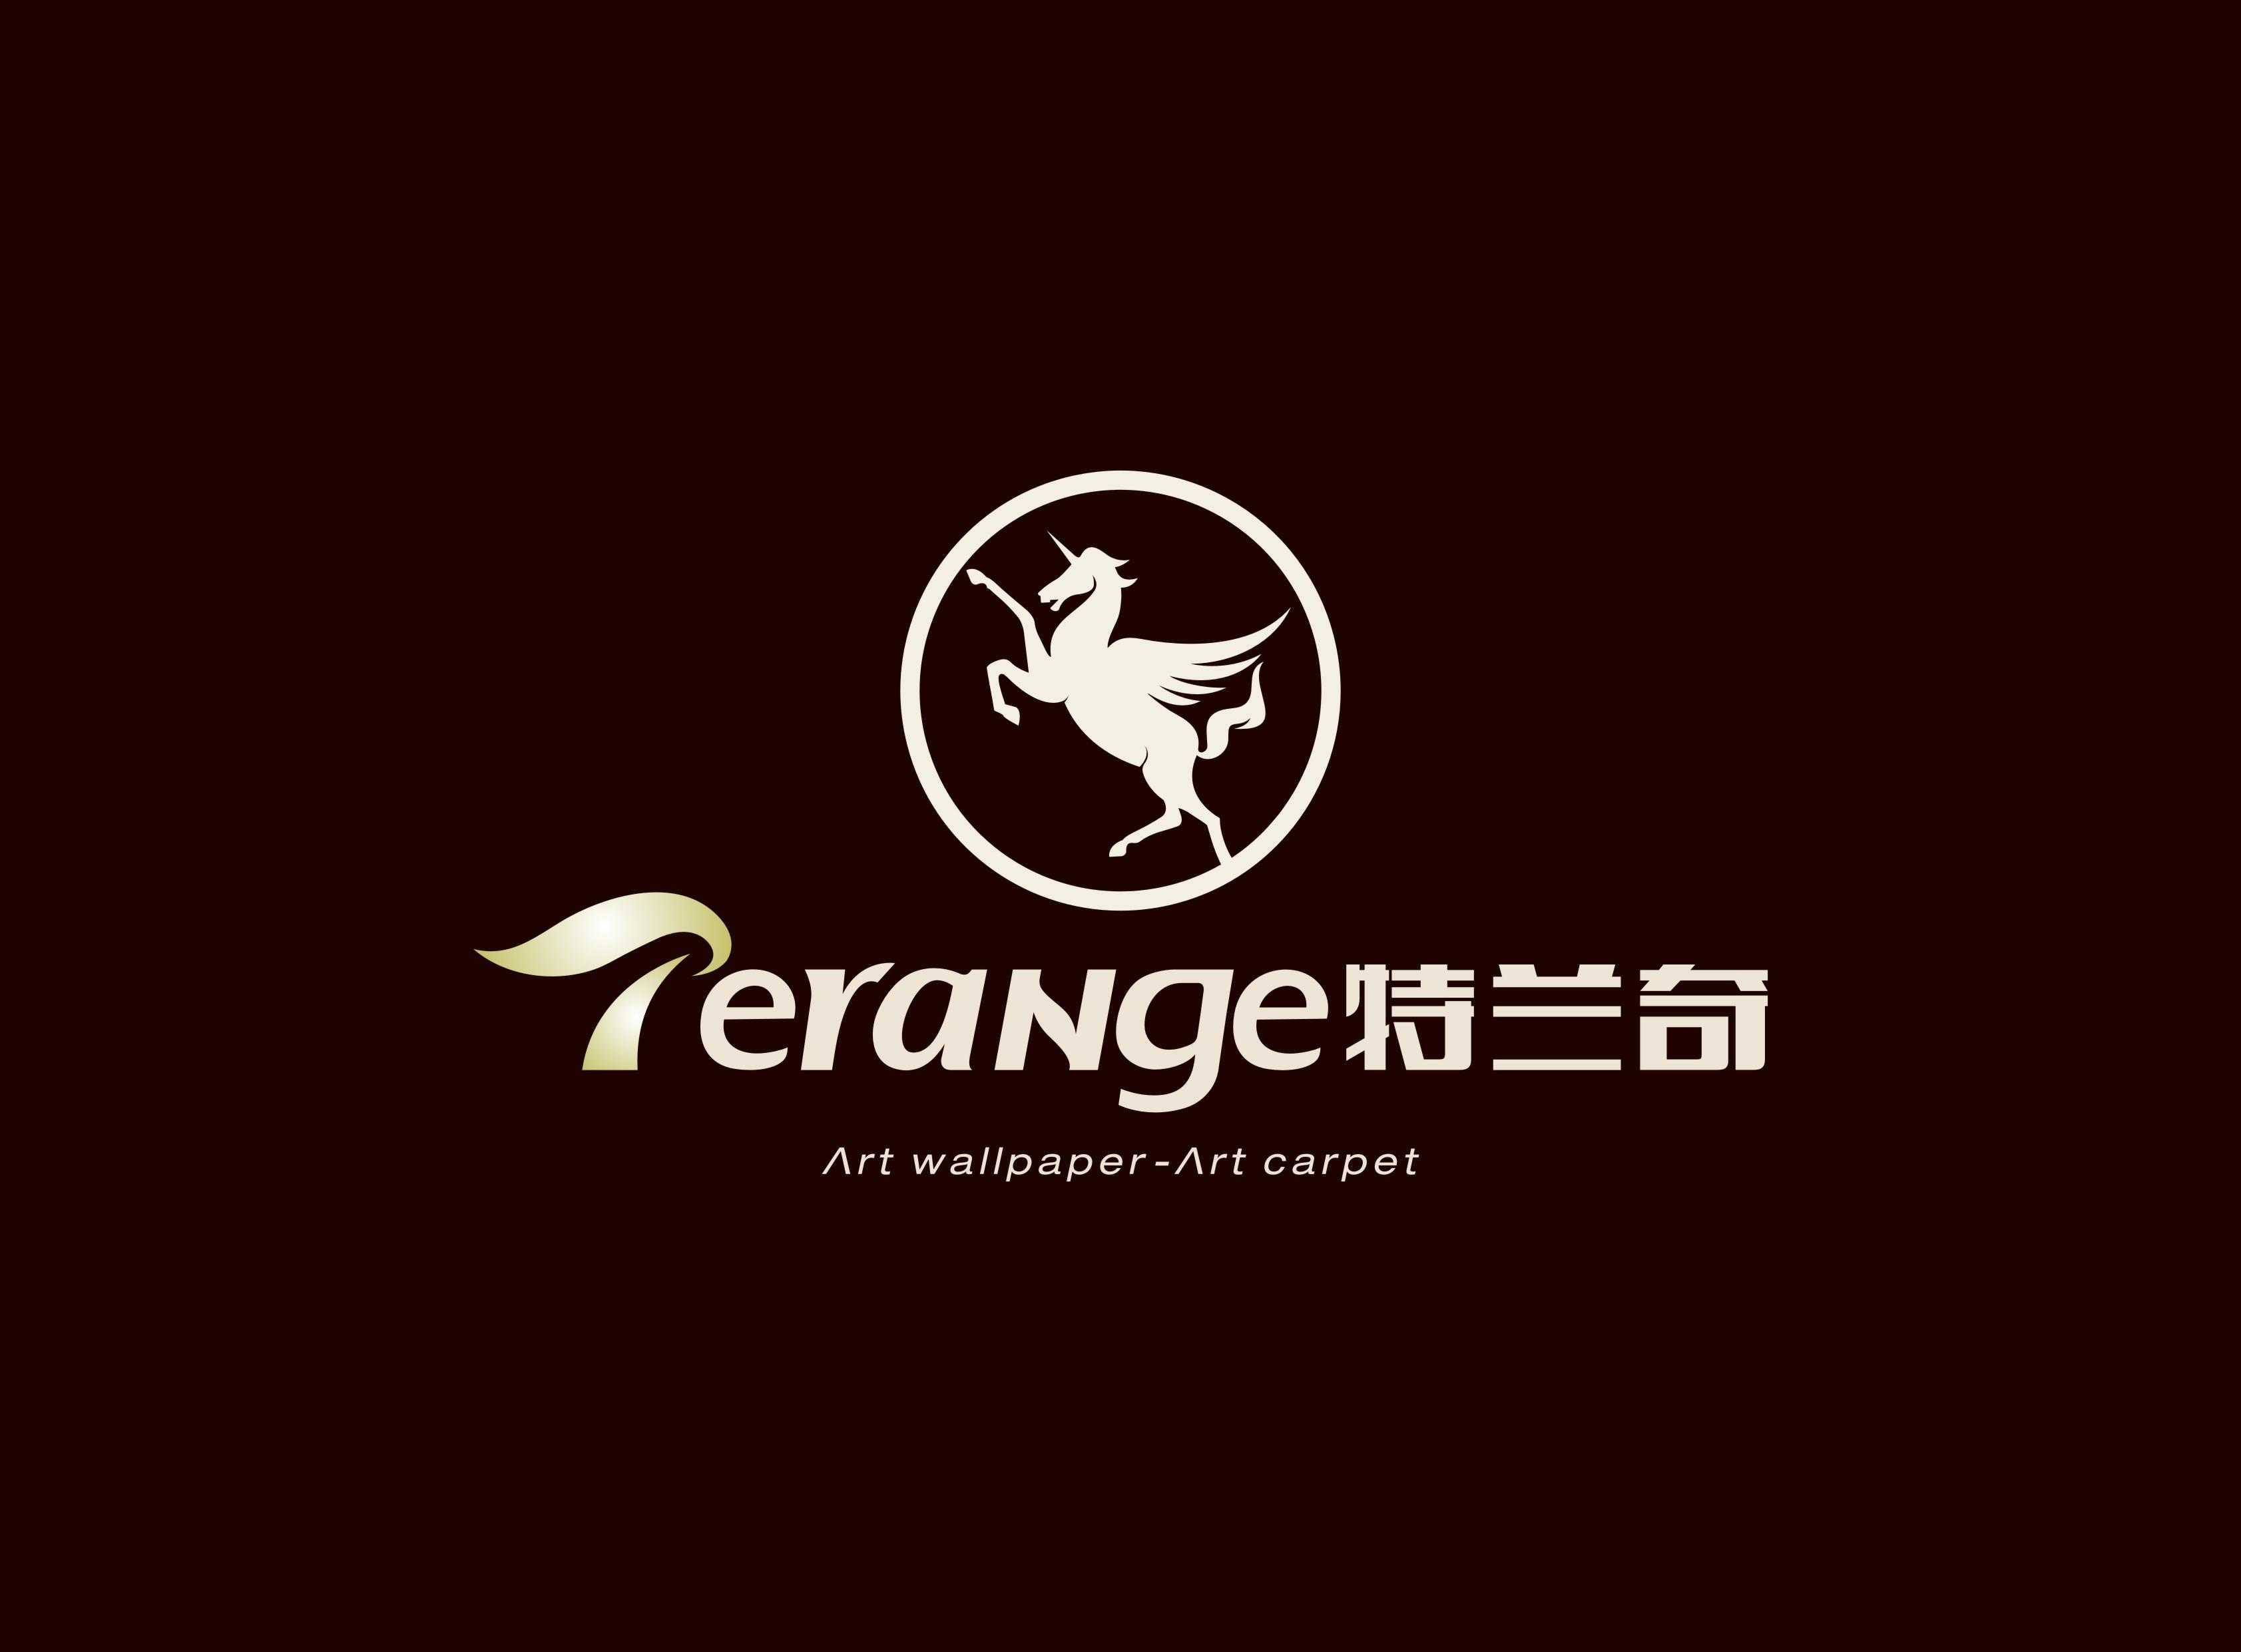 特兰奇艺术墙纸-地毯logo设计_印轩品牌设计有限公司